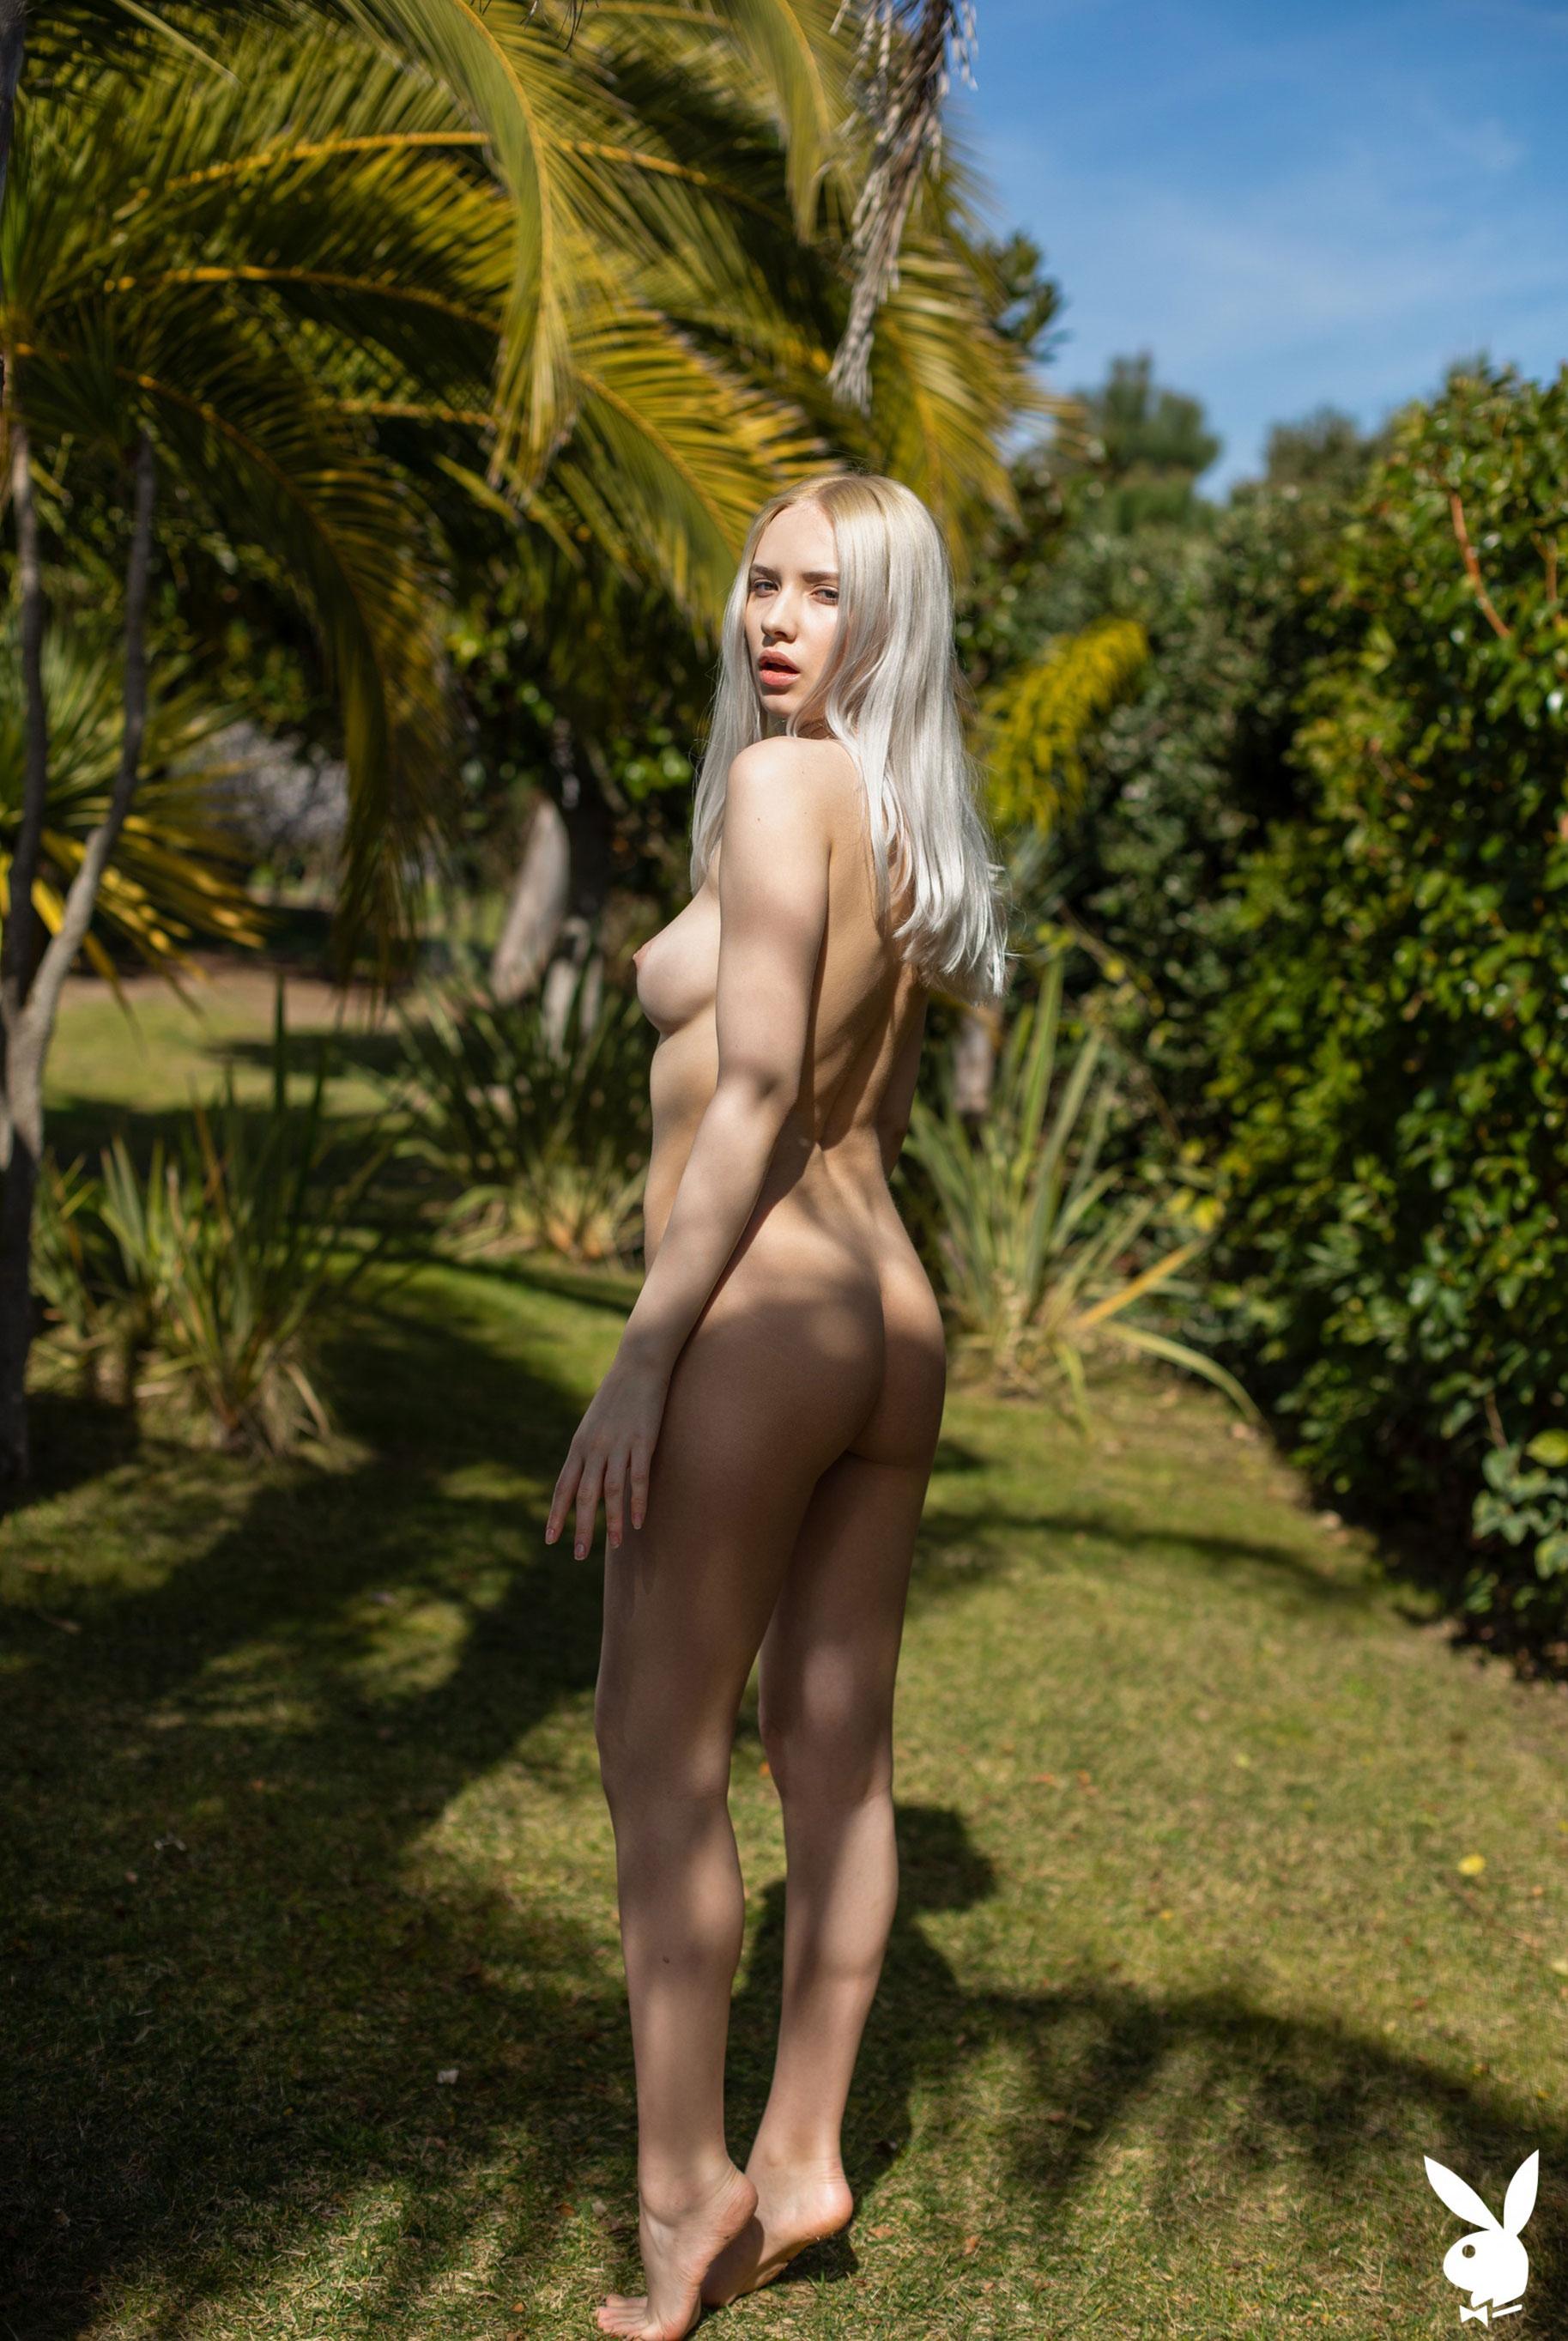 Сексуальная и голая Моника Васп в окружении тропических растений / фото 23